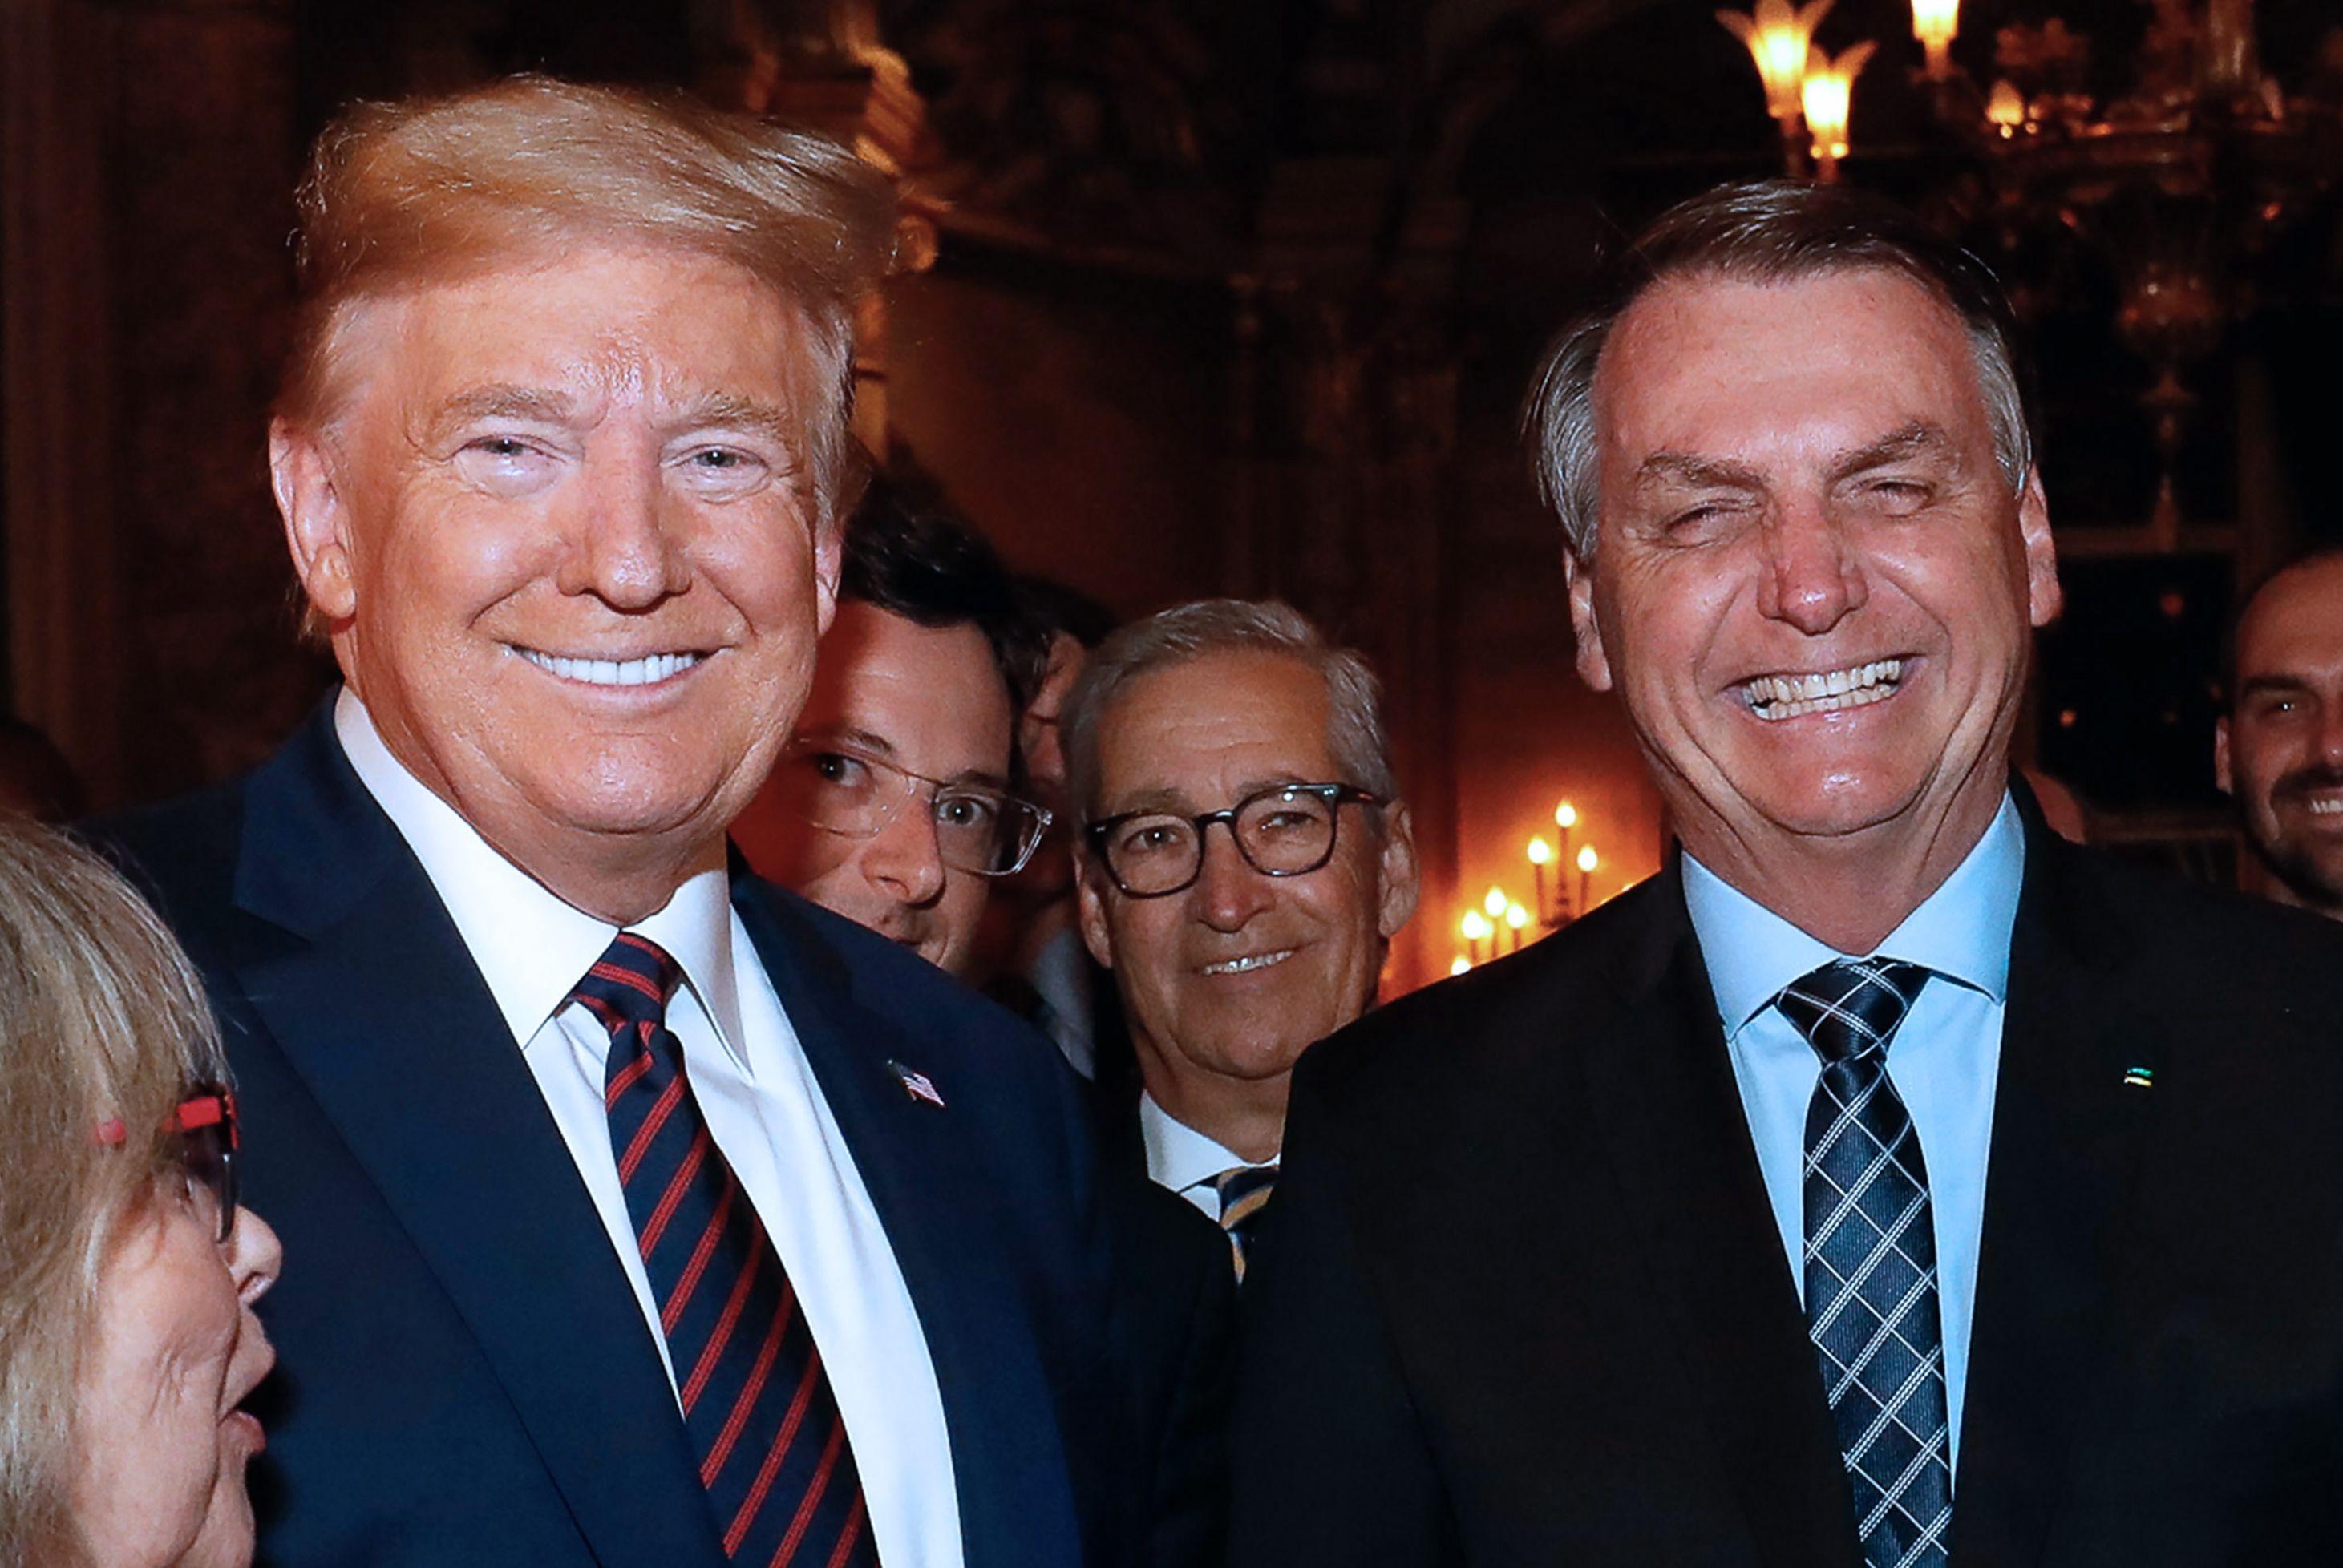 Bolsonaro e Trump durante visita do presidente brasileiro aos Estados Unidos em março deste ano